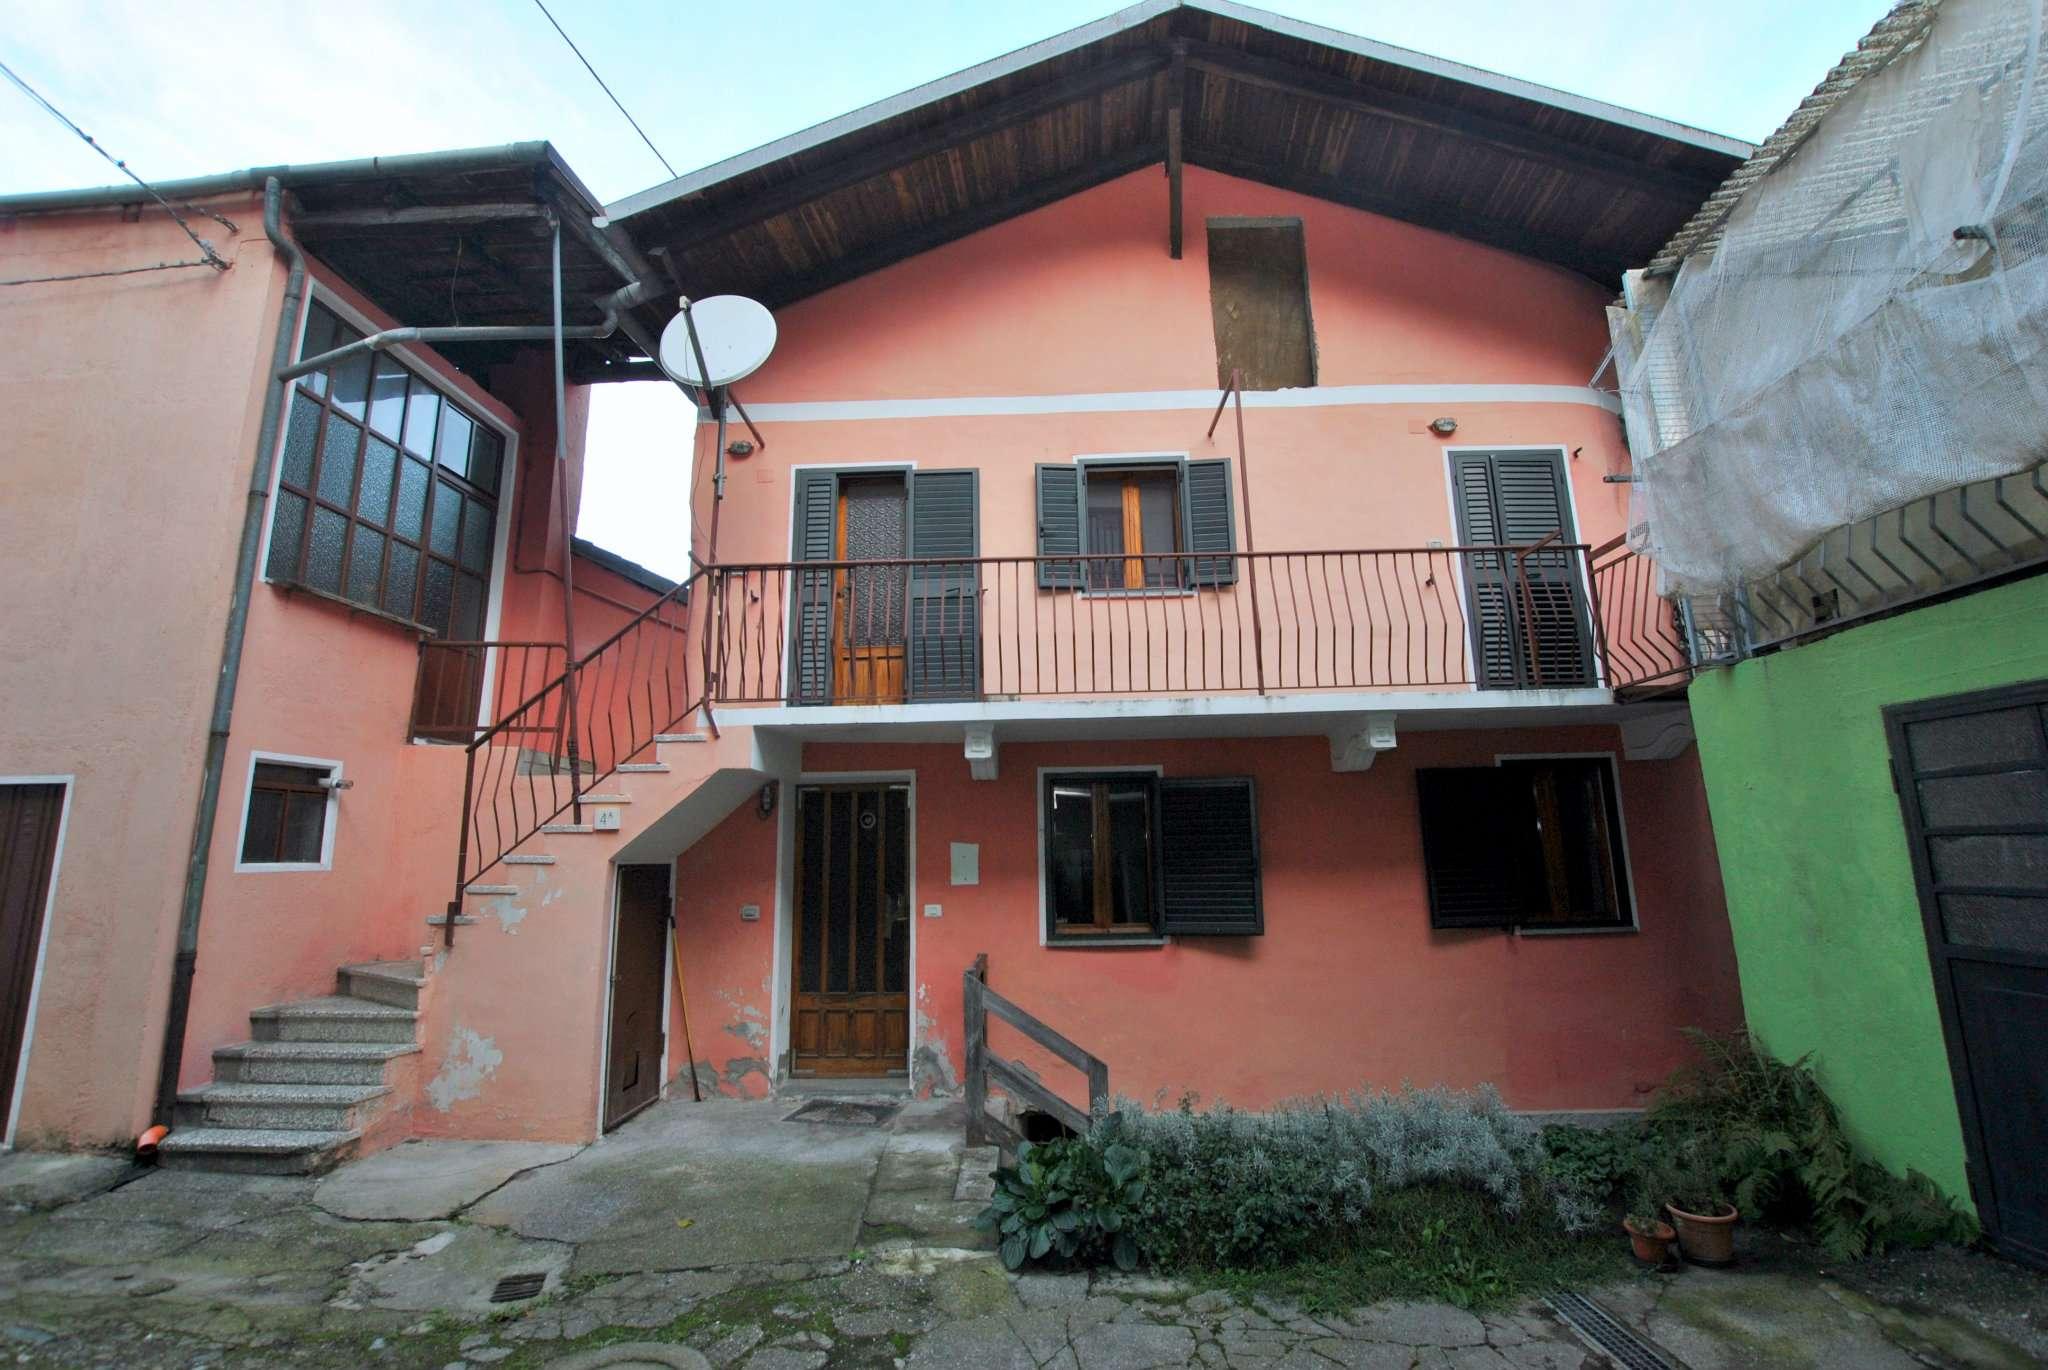 Soluzione Semindipendente in vendita a Chiusa di San Michele, 4 locali, prezzo € 33.000 | CambioCasa.it